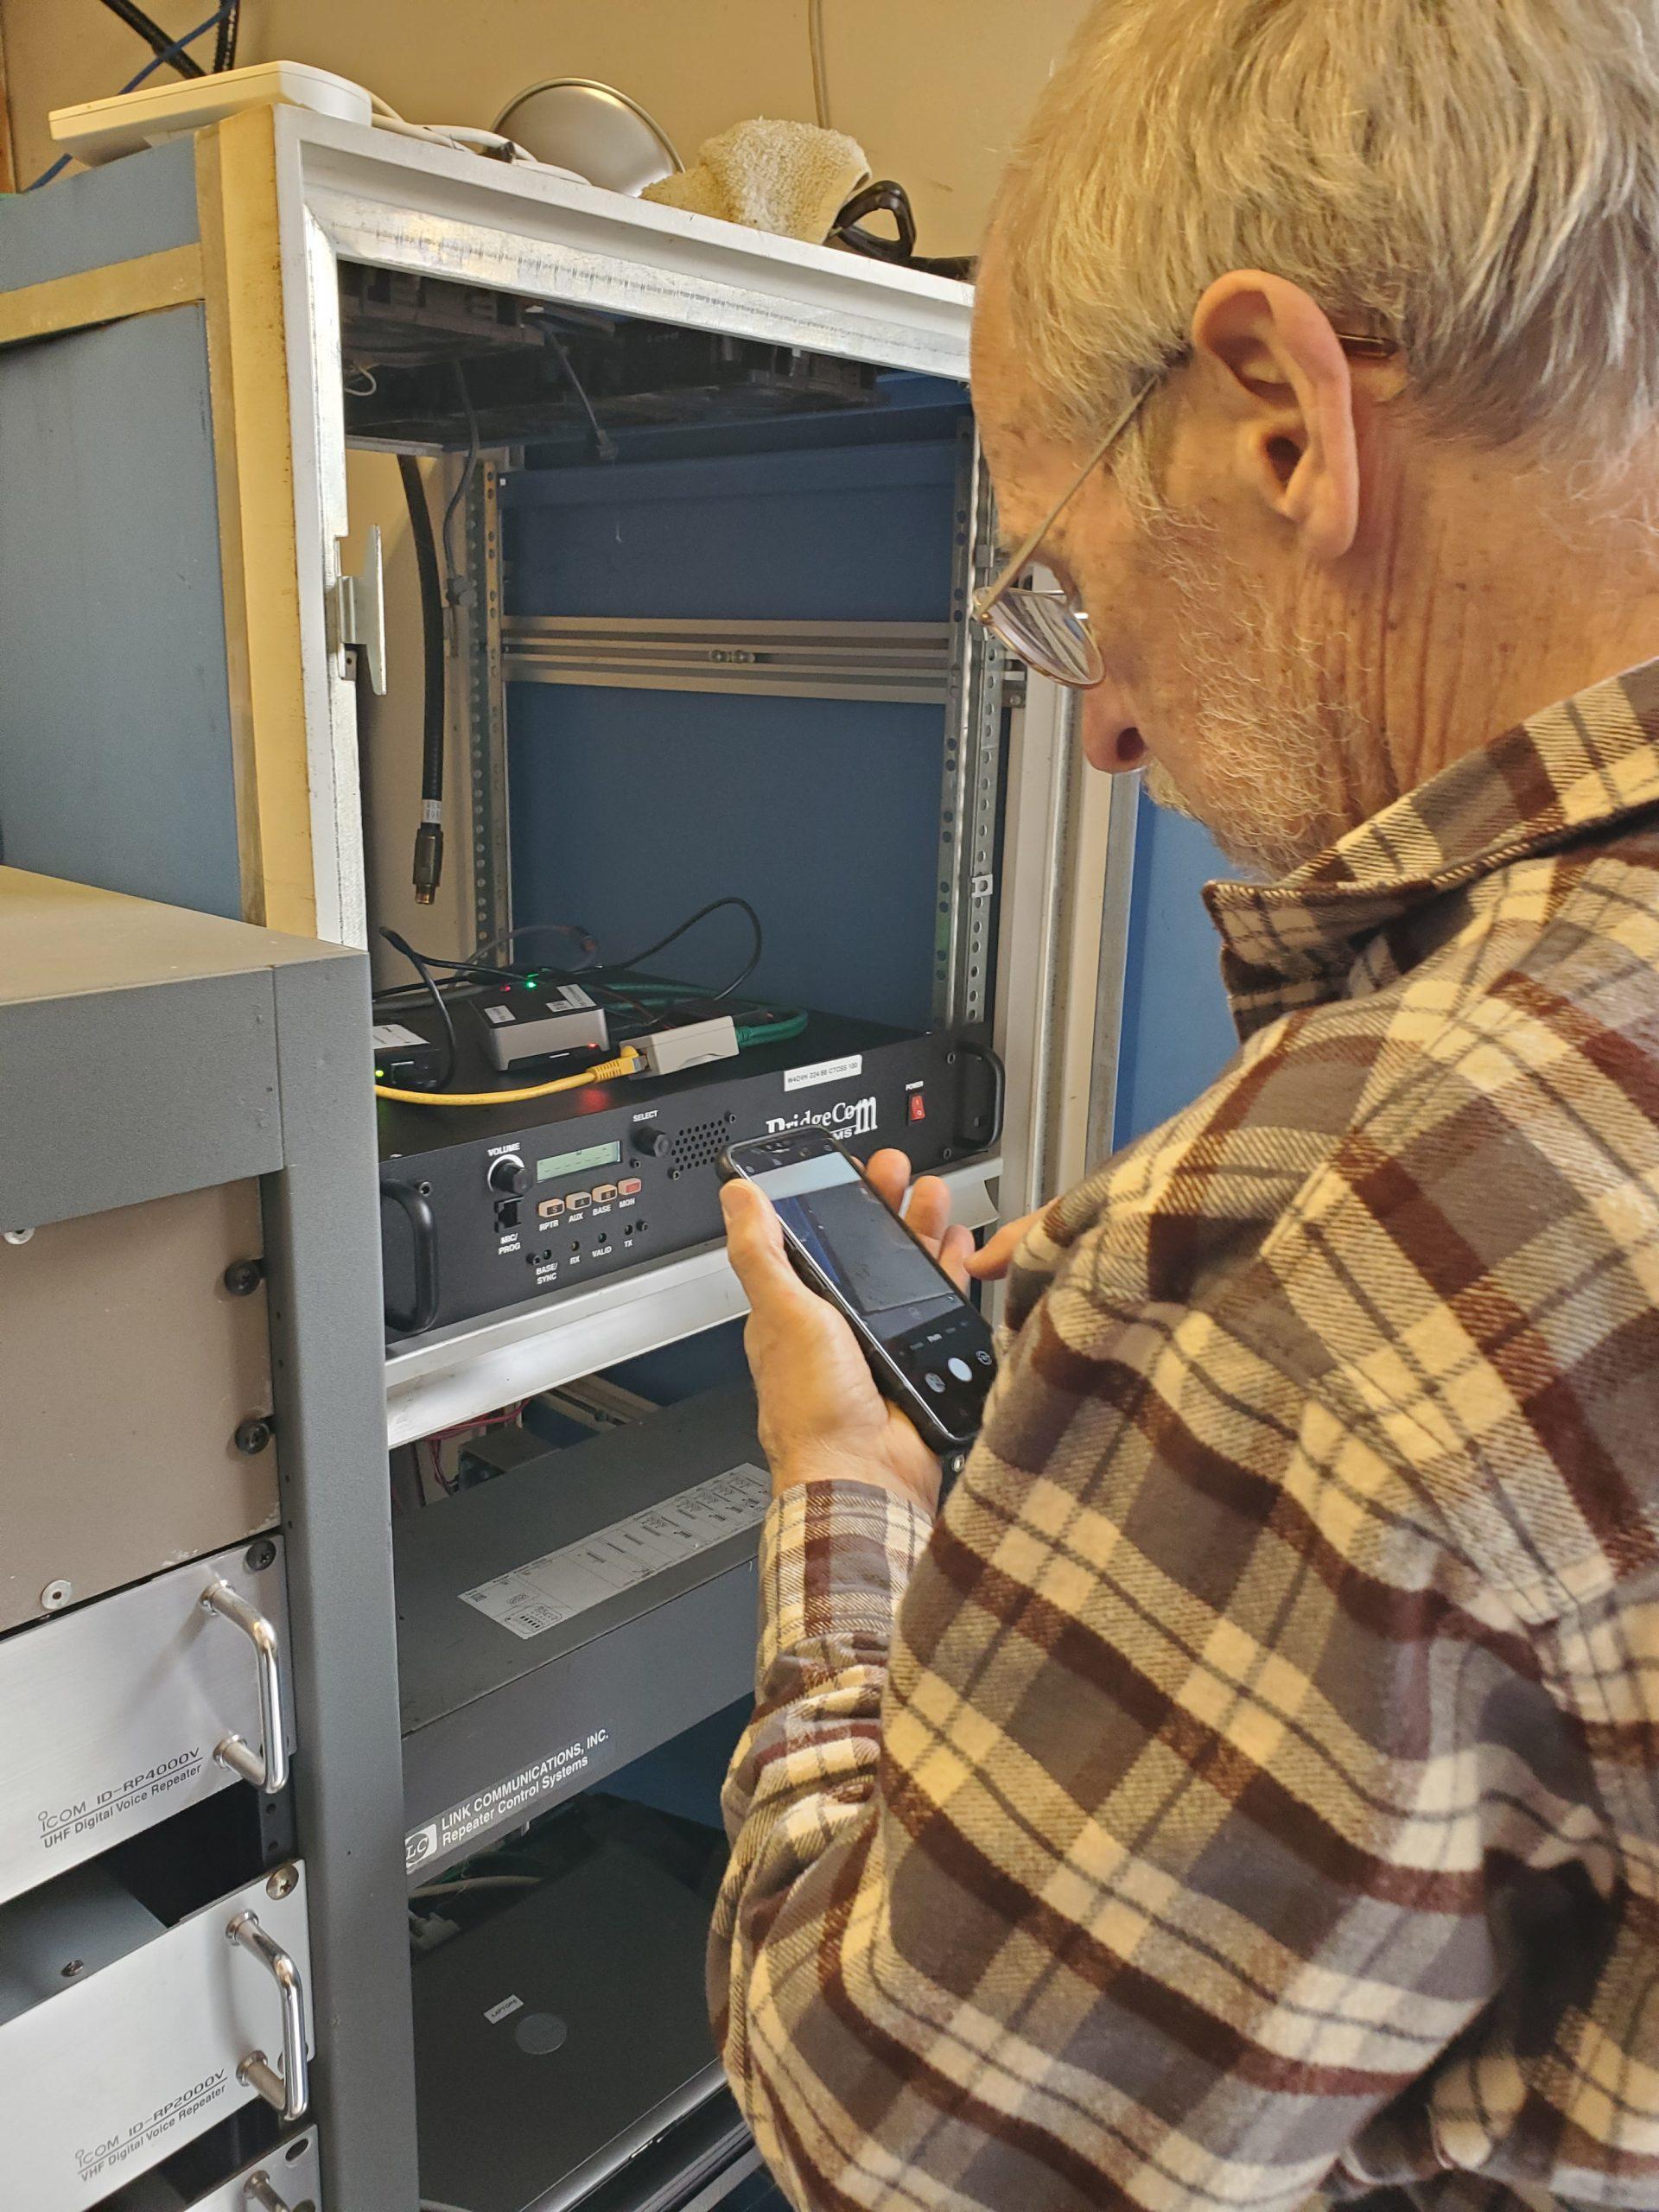 Ken KE2N links up repaired 220 repeater